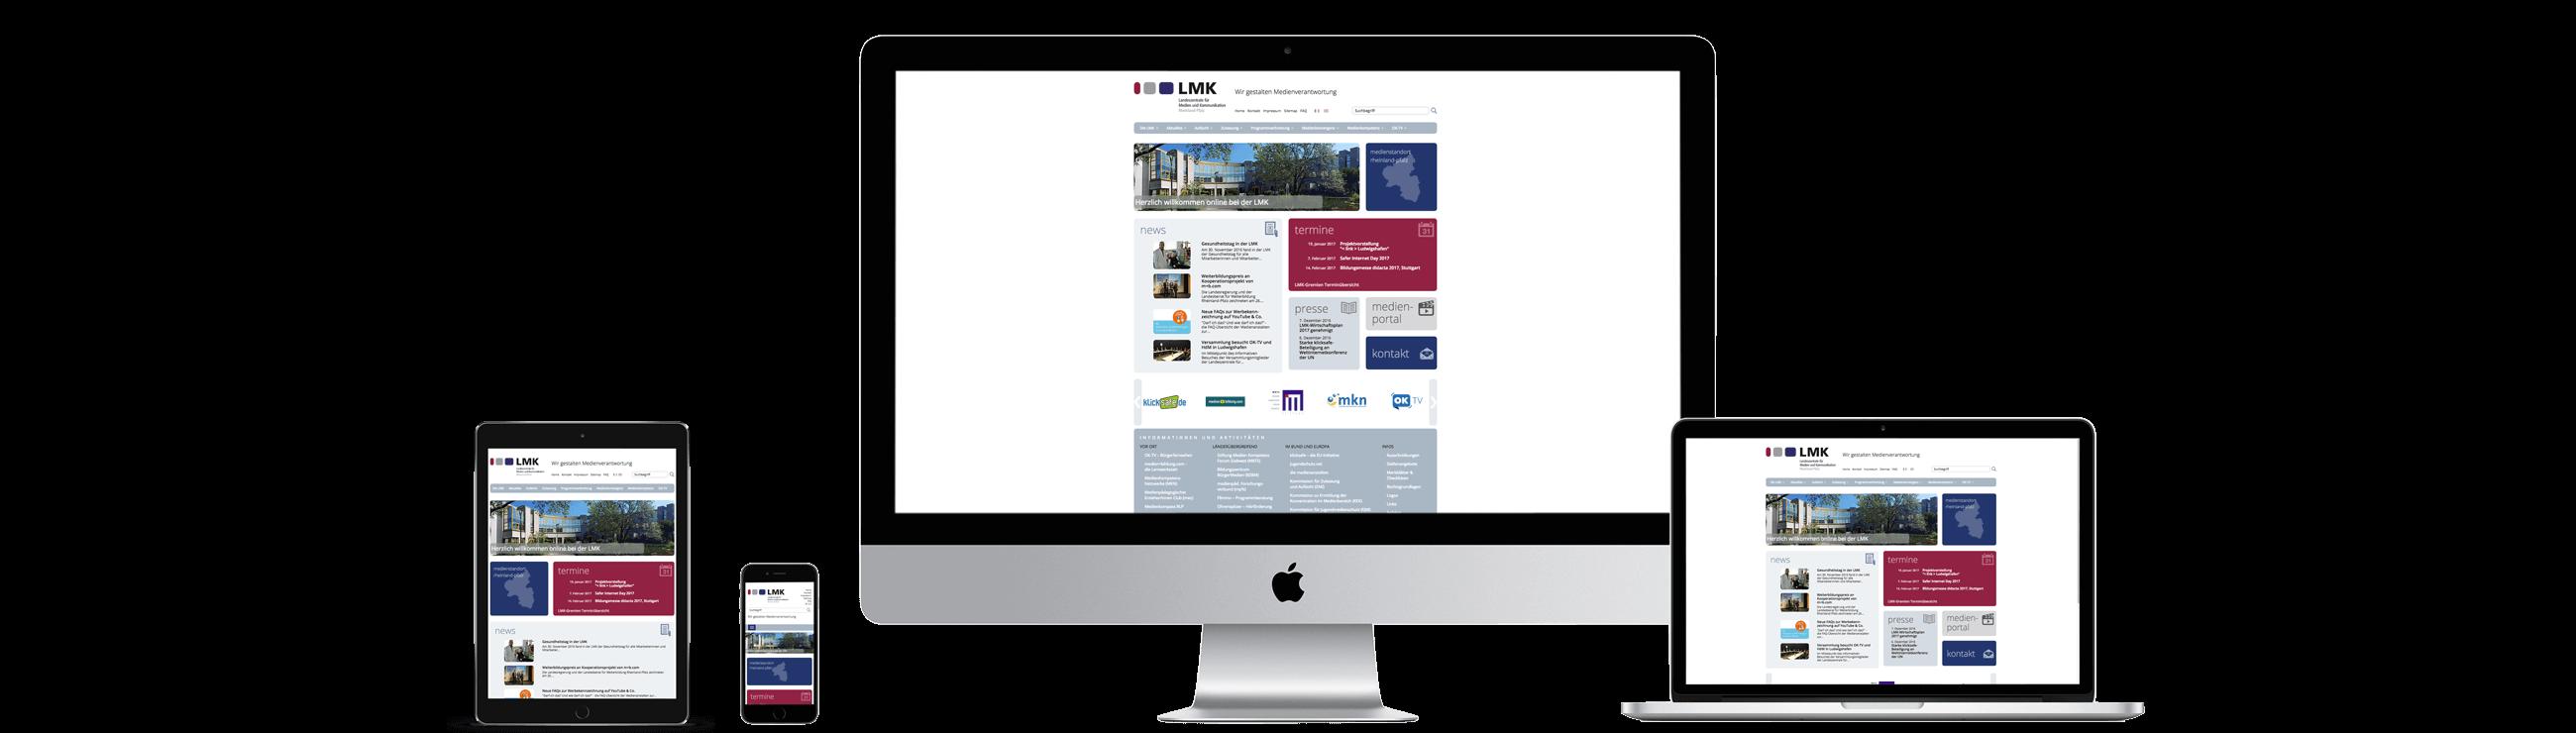 Website www.lmk-online.de – Responsive Webdesign